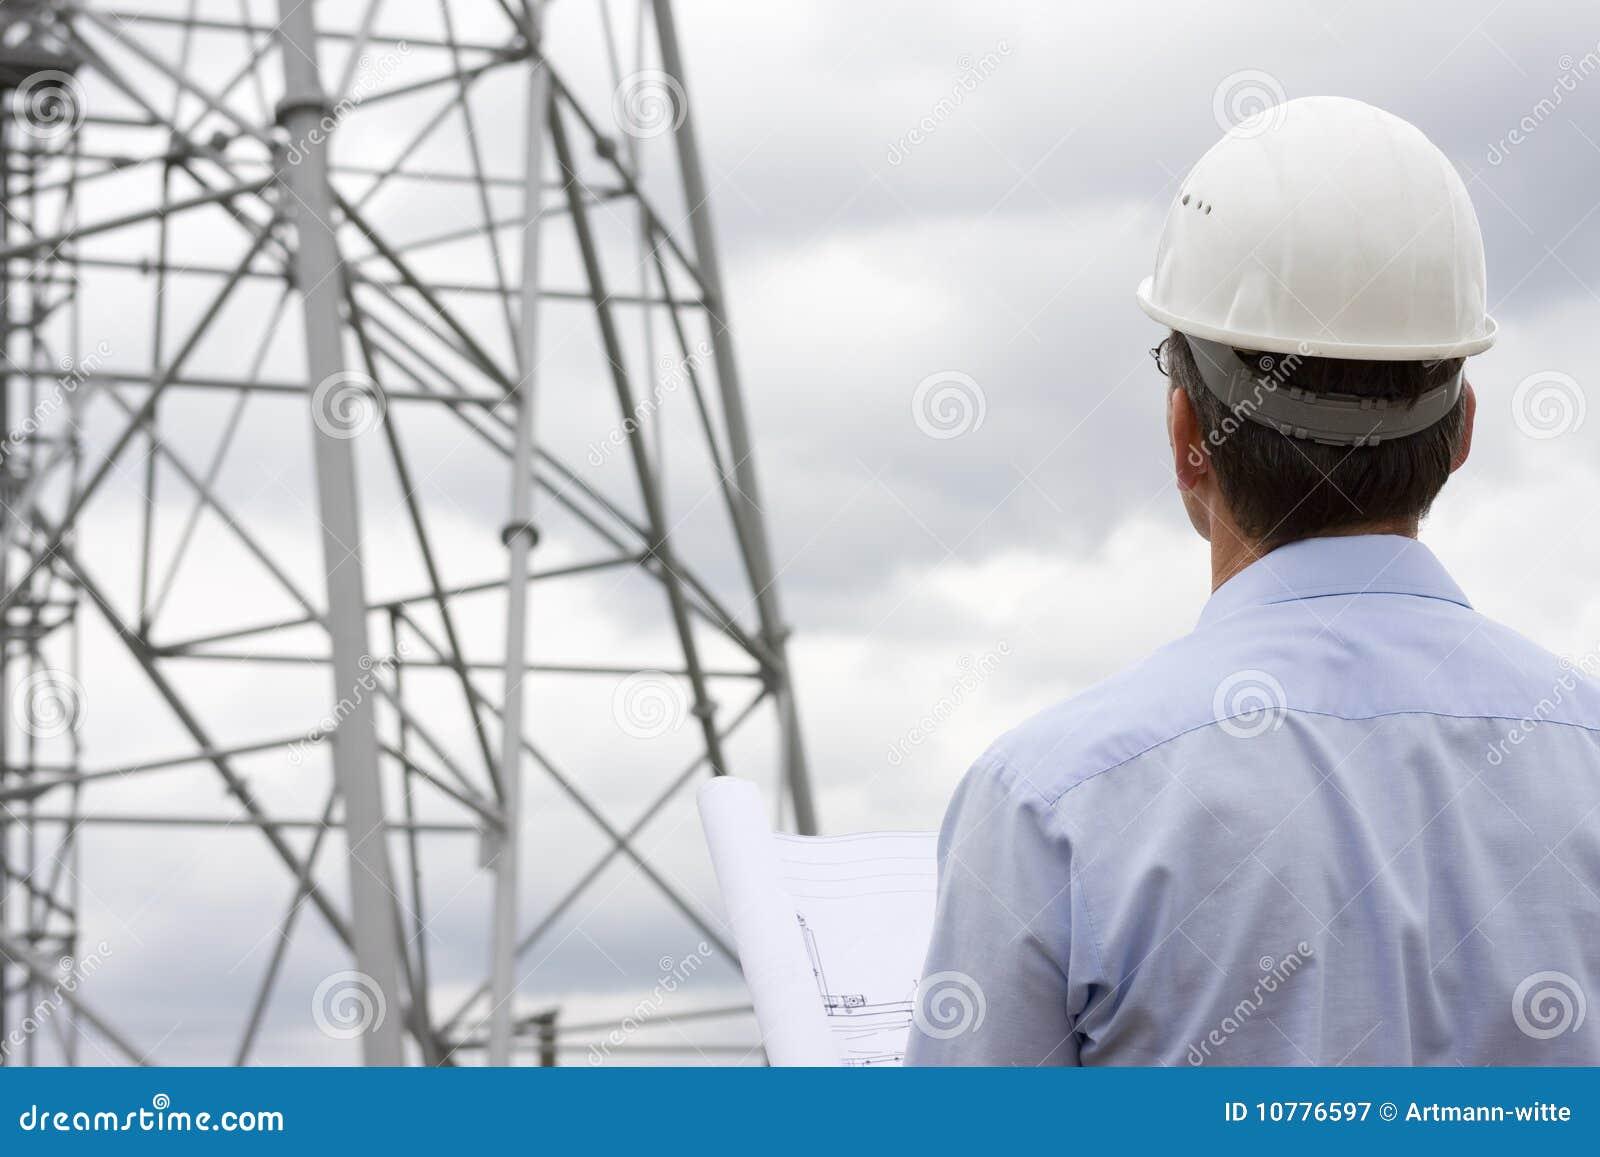 Arquiteto no lado da construção